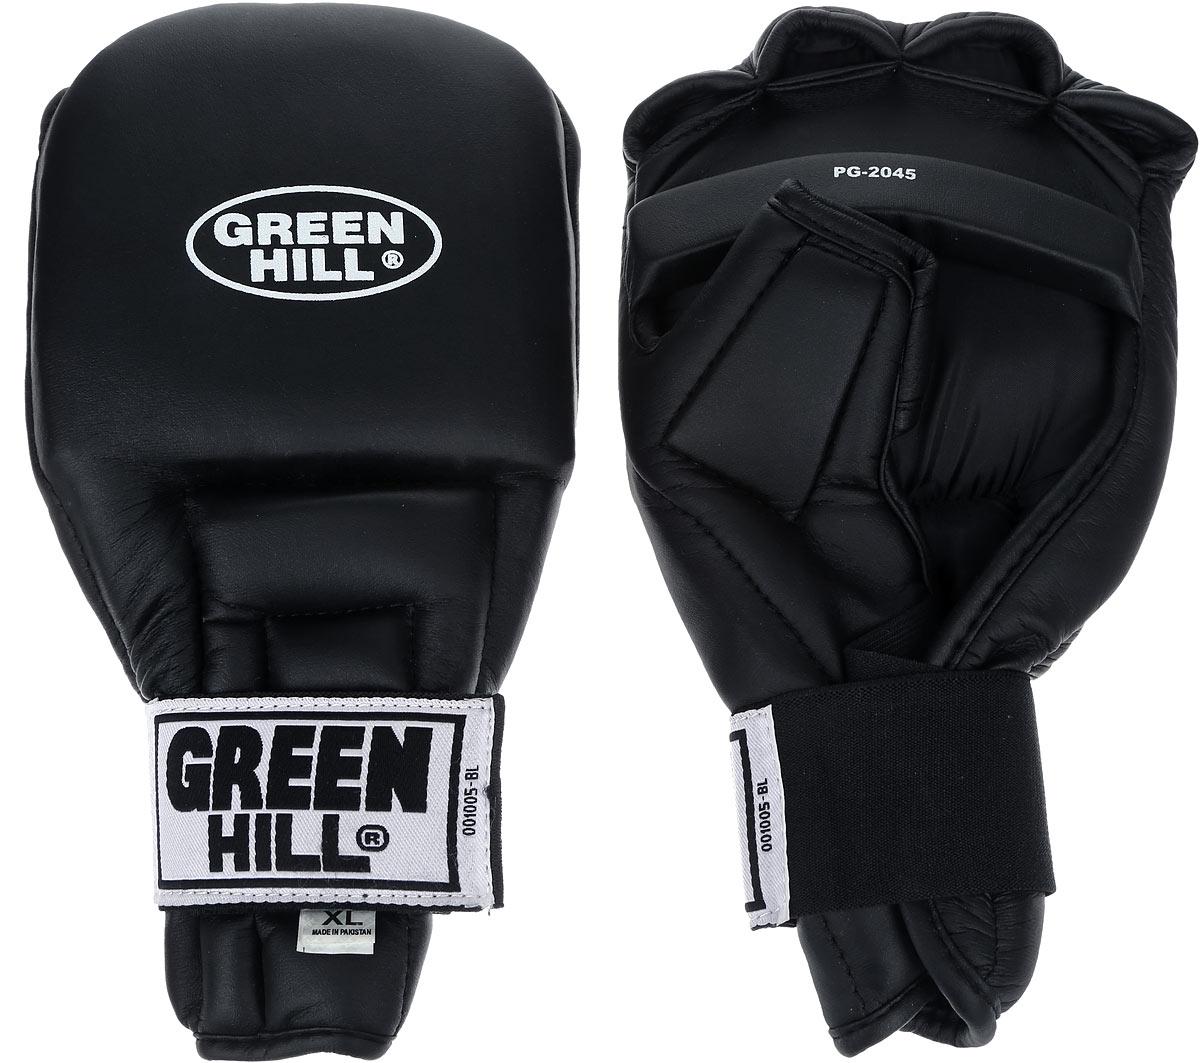 Перчатки для рукопашного боя Green Hill, цвет: черный. Размер XL. PG-20457684BLSMUПерчатки для рукопашного боя Green Hill произведены из высококачественной искусственной кожи. Подойдут для занятий кунг-фу. Конструкция предусматривает открытые пальцы - необходимый атрибут для проведения захватов. Манжеты на липучках позволяют быстро снимать и надевать перчатки без каких-либо неудобств. Анатомическая посадка предохраняет руки от повреждений.